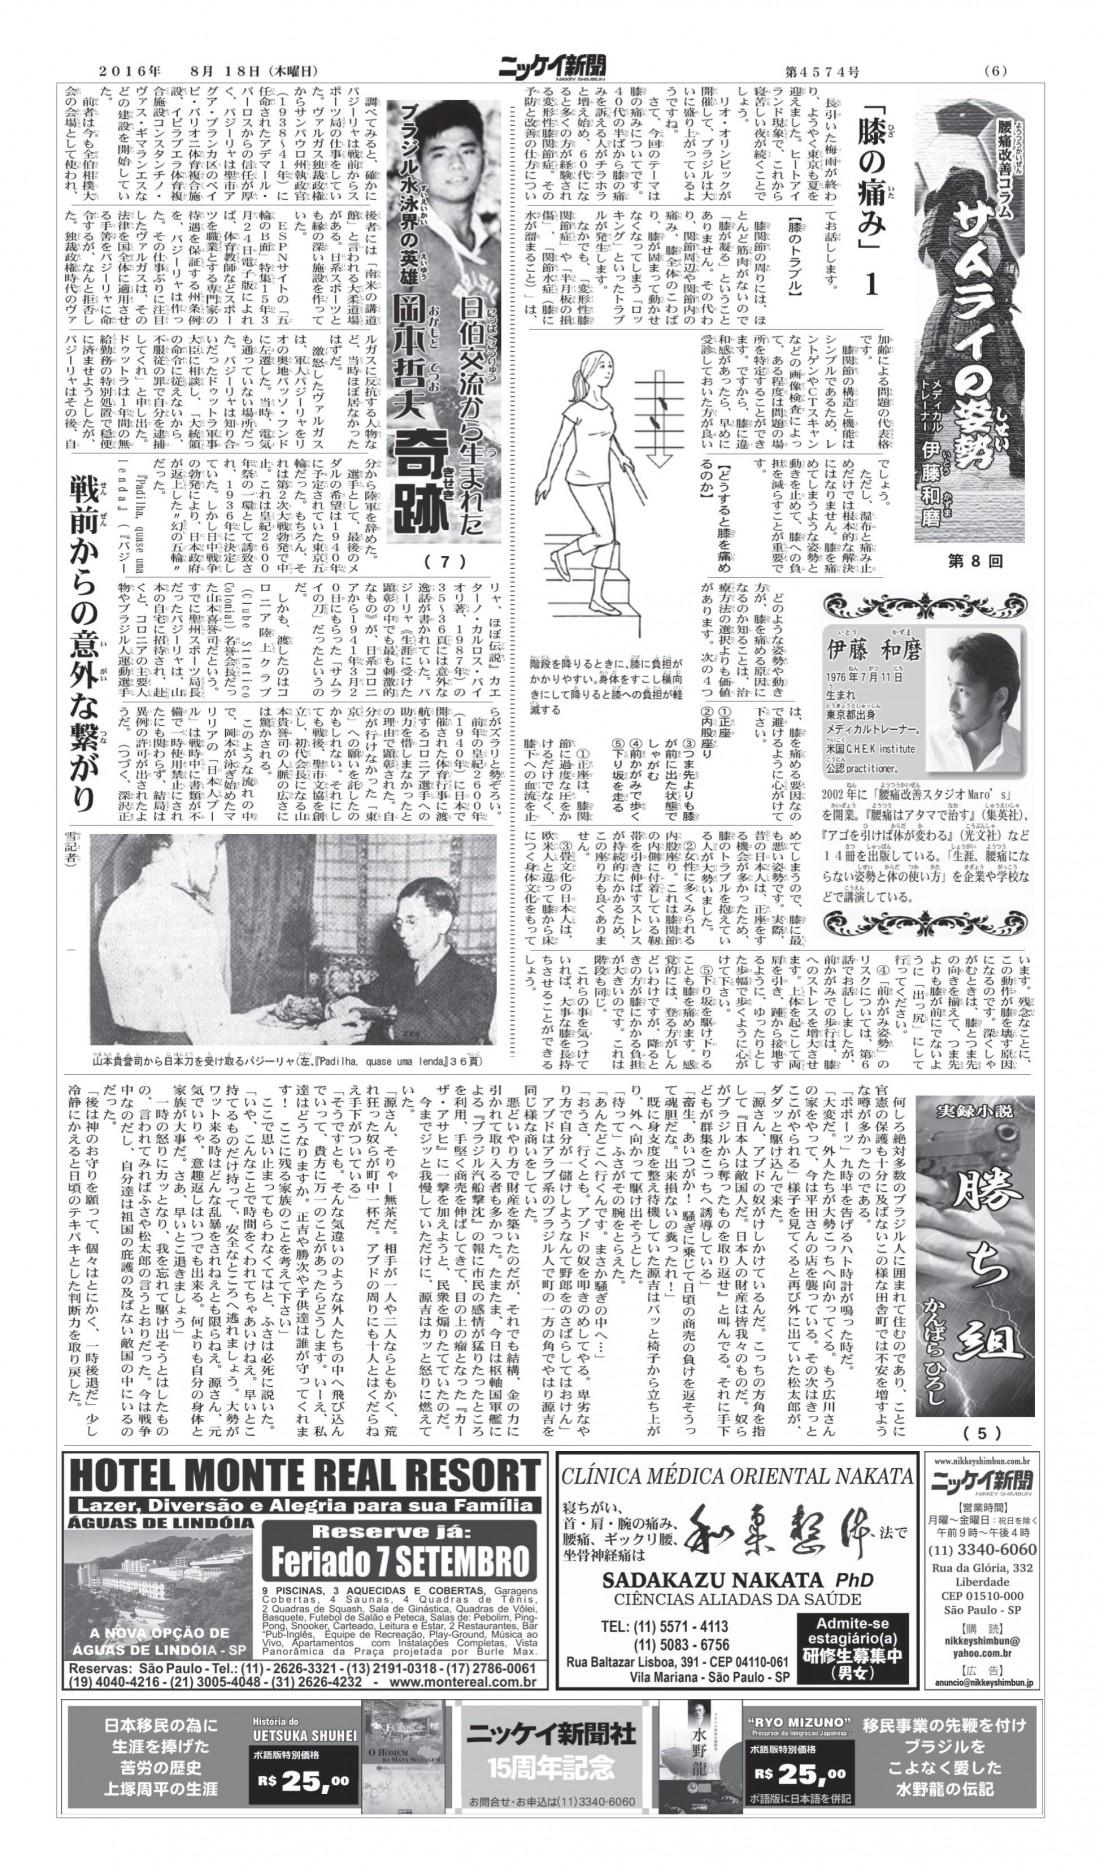 20160818 -Jornal Nikkey Shimbun p6 Samurai 8